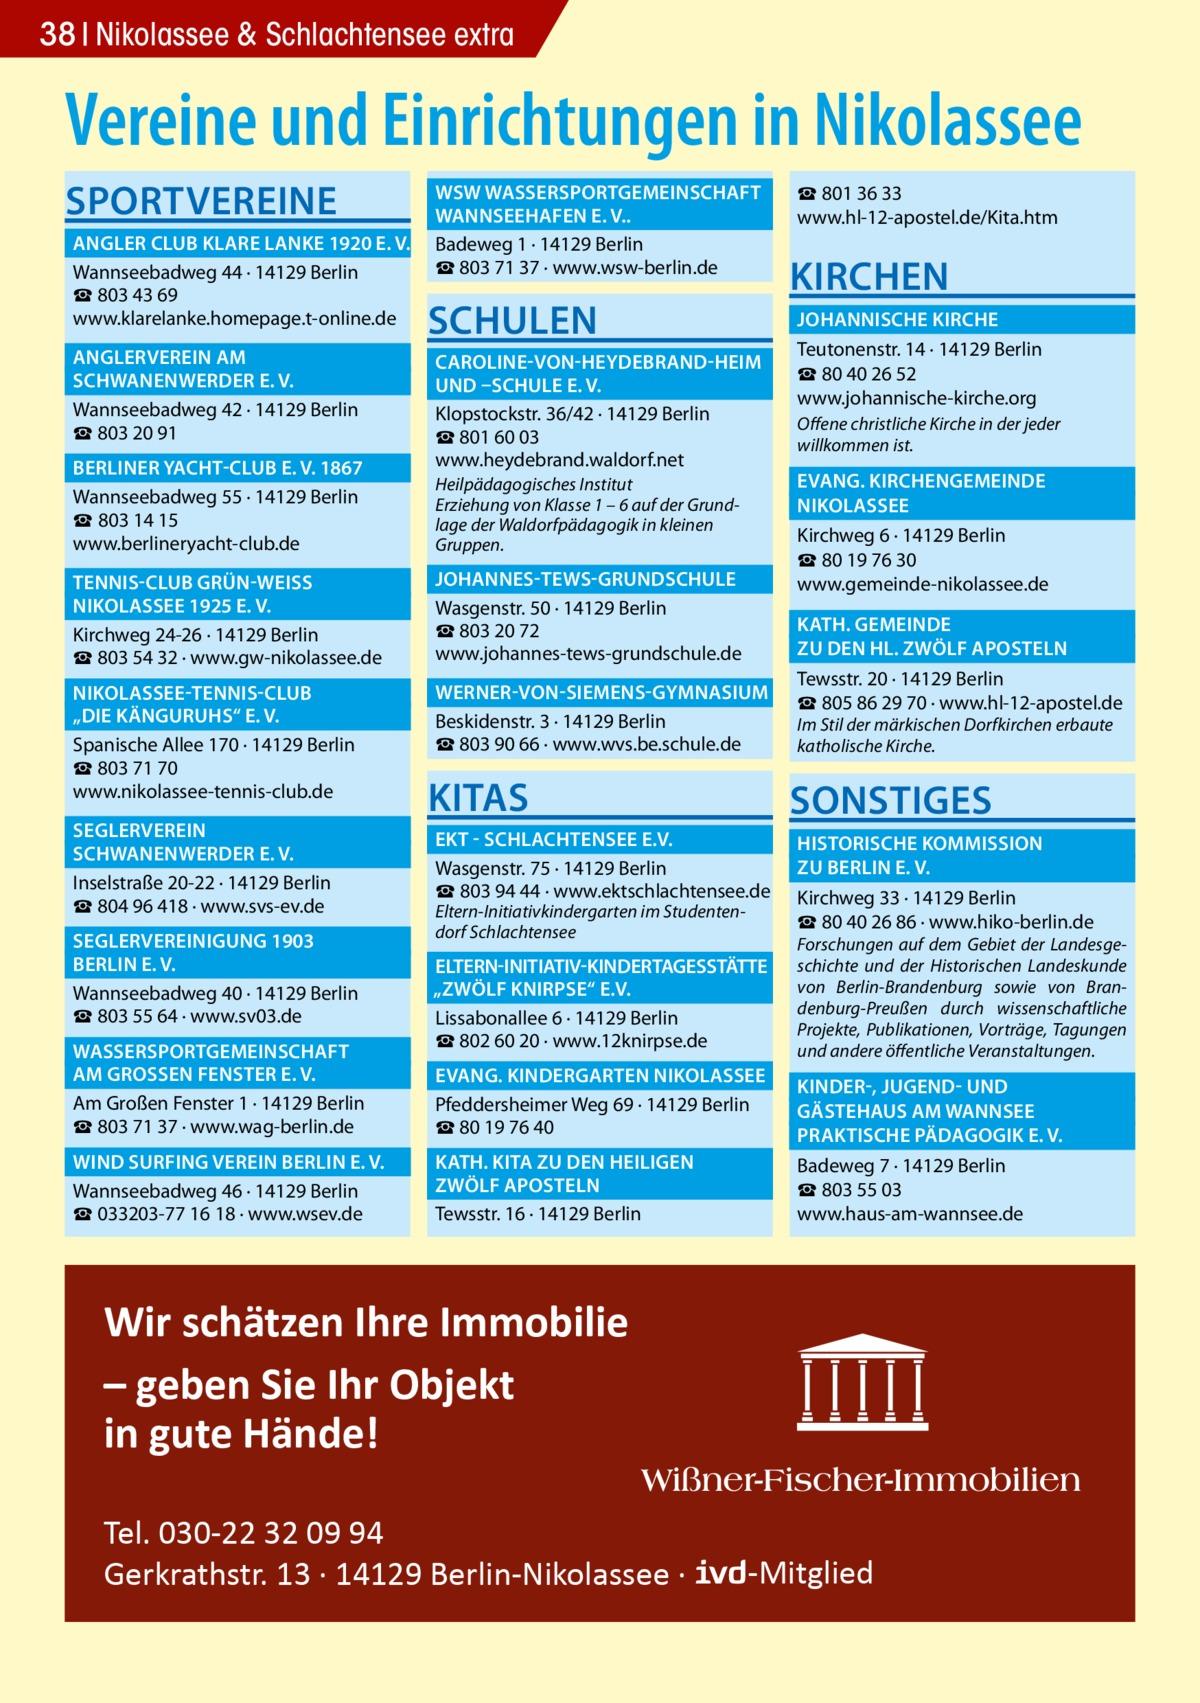 """38 Nikolassee & Schlachtensee extra  Vereine und Einrichtungen in Nikolassee SPORTVEREINE   WSW WASSERSPORTGEMEINSCHAFT �  WANNSEEHAFEN E. V..�  ANGLER CLUB KLARE LANKE 1920 E. V.� Badeweg 1 · 14129 Berlin ☎803 71 37 · www.wsw-berlin.de Wannseebadweg 44 · 14129 Berlin ☎ 803 43 69 www.klarelanke.homepage.t-online.de  SCHULEN   ANGLERVEREIN AM�  SCHWANENWERDER E. V.� Wannseebadweg 42 · 14129 Berlin ☎ 803 20 91  BERLINER YACHT-CLUB E. V. 1867� Wannseebadweg 55 · 14129 Berlin ☎ 803 14 15 www.berlineryacht-club.de  TENNIS-CLUB GRÜN-WEISS �  NIKOLASSEE 1925 E. V.� Kirchweg 24-26 · 14129 Berlin ☎ 803 54 32 · www.gw-nikolassee.de  NIKOLASSEE-TENNIS-CLUB �  """"DIE KÄNGURUHS"""" E. V.� Spanische Allee 170 · 14129 Berlin ☎803 71 70 www.nikolassee-tennis-club.de SEGLERVEREIN�  SCHWANENWERDER E. V.� Inselstraße 20-22 · 14129 Berlin ☎804 96 418 · www.svs-ev.de  SEGLERVEREINIGUNG 1903 �  BERLIN E. V.� Wannseebadweg 40 · 14129 Berlin ☎803 55 64 · www.sv03.de  WASSERSPORTGEMEINSCHAFT �  AM GROSSEN FENSTER E. V.� Am Großen Fenster 1 · 14129 Berlin ☎803 71 37 · www.wag-berlin.de  WIND SURFING VEREIN BERLIN E. V.� Wannseebadweg 46 · 14129 Berlin ☎033203-77 16 18 · www.wsev.de  ☎801 36 33 www.hl-12-apostel.de/Kita.htm  KIRCHEN   JOHANNISCHE KIRCHE � Teutonenstr. 14 · 14129 Berlin  CAROLINE-VON-HEYDEBRAND-HEIM � ☎ 80 40 26 52  UND –SCHULE E. V. � www.johannische-kirche.org Klopstockstr. 36/42 · 14129 Berlin Offene christliche Kirche in der jeder ☎801 60 03 willkommen ist. www.heydebrand.waldorf.net  EVANG. KIRCHENGEMEINDE � Heilpädagogisches Institut Erziehung von Klasse 1 – 6 auf der GrundNIKOLASSEE� lage der Waldorfpädagogik in kleinen Kirchweg 6 · 14129 Berlin Gruppen. ☎80 19 76 30  JOHANNES-TEWS-GRUNDSCHULE � www.gemeinde-nikolassee.de Wasgenstr. 50 · 14129 Berlin  KATH. GEMEINDE � ☎803 20 72  ZU DEN HL. ZWÖLF APOSTELN � www.johannes-tews-grundschule.de Tewsstr. 20 · 14129 Berlin  WERNER-VON-SIEMENS-GYMNASIUM � ☎805 86 29 70 · www.hl-12-apostel.de Beskidenstr. 3 · 14129 Berlin Im Stil der"""